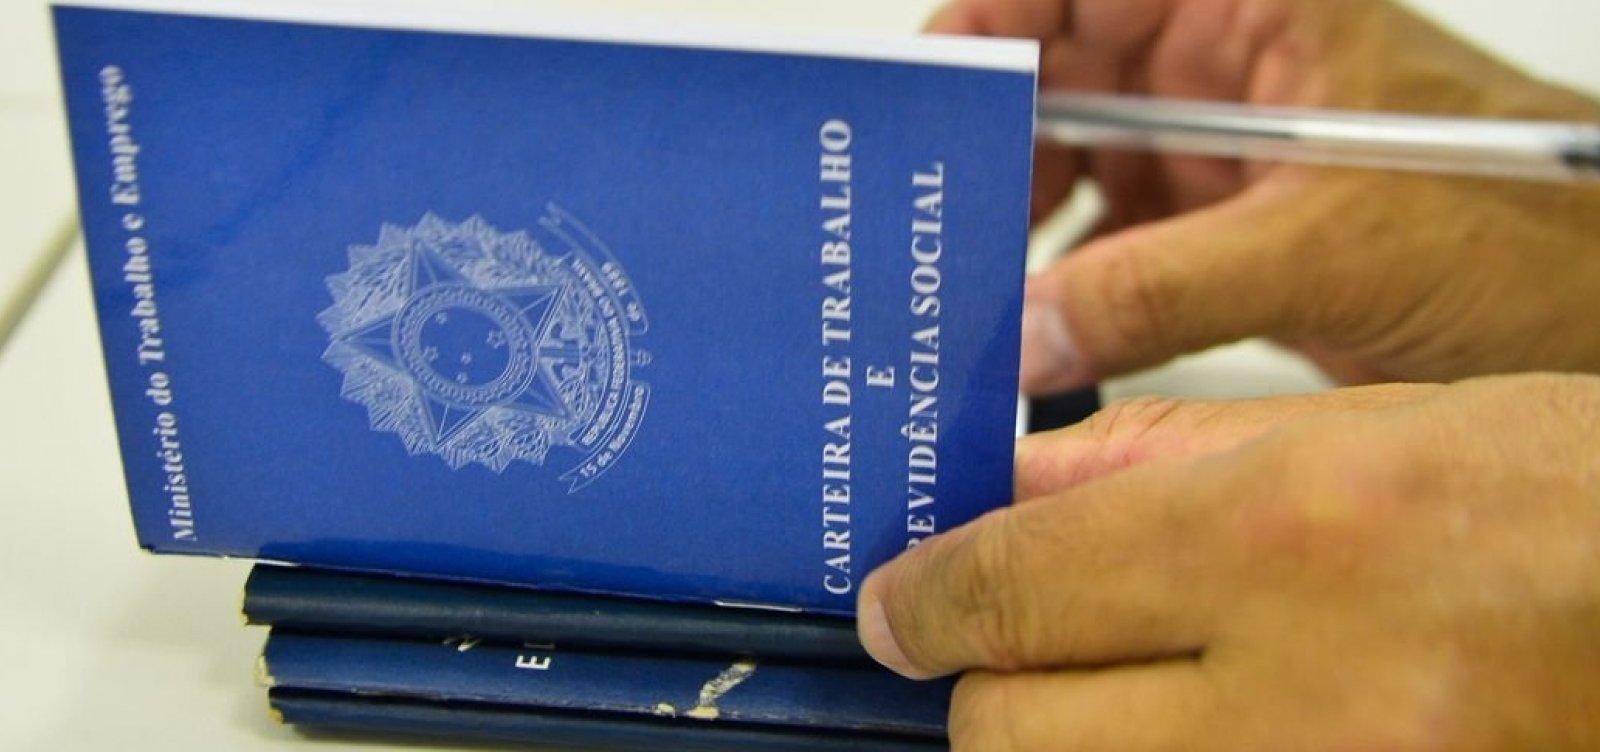 Confira as vagas de emprego oferecidas nesta terça-feira em Salvador